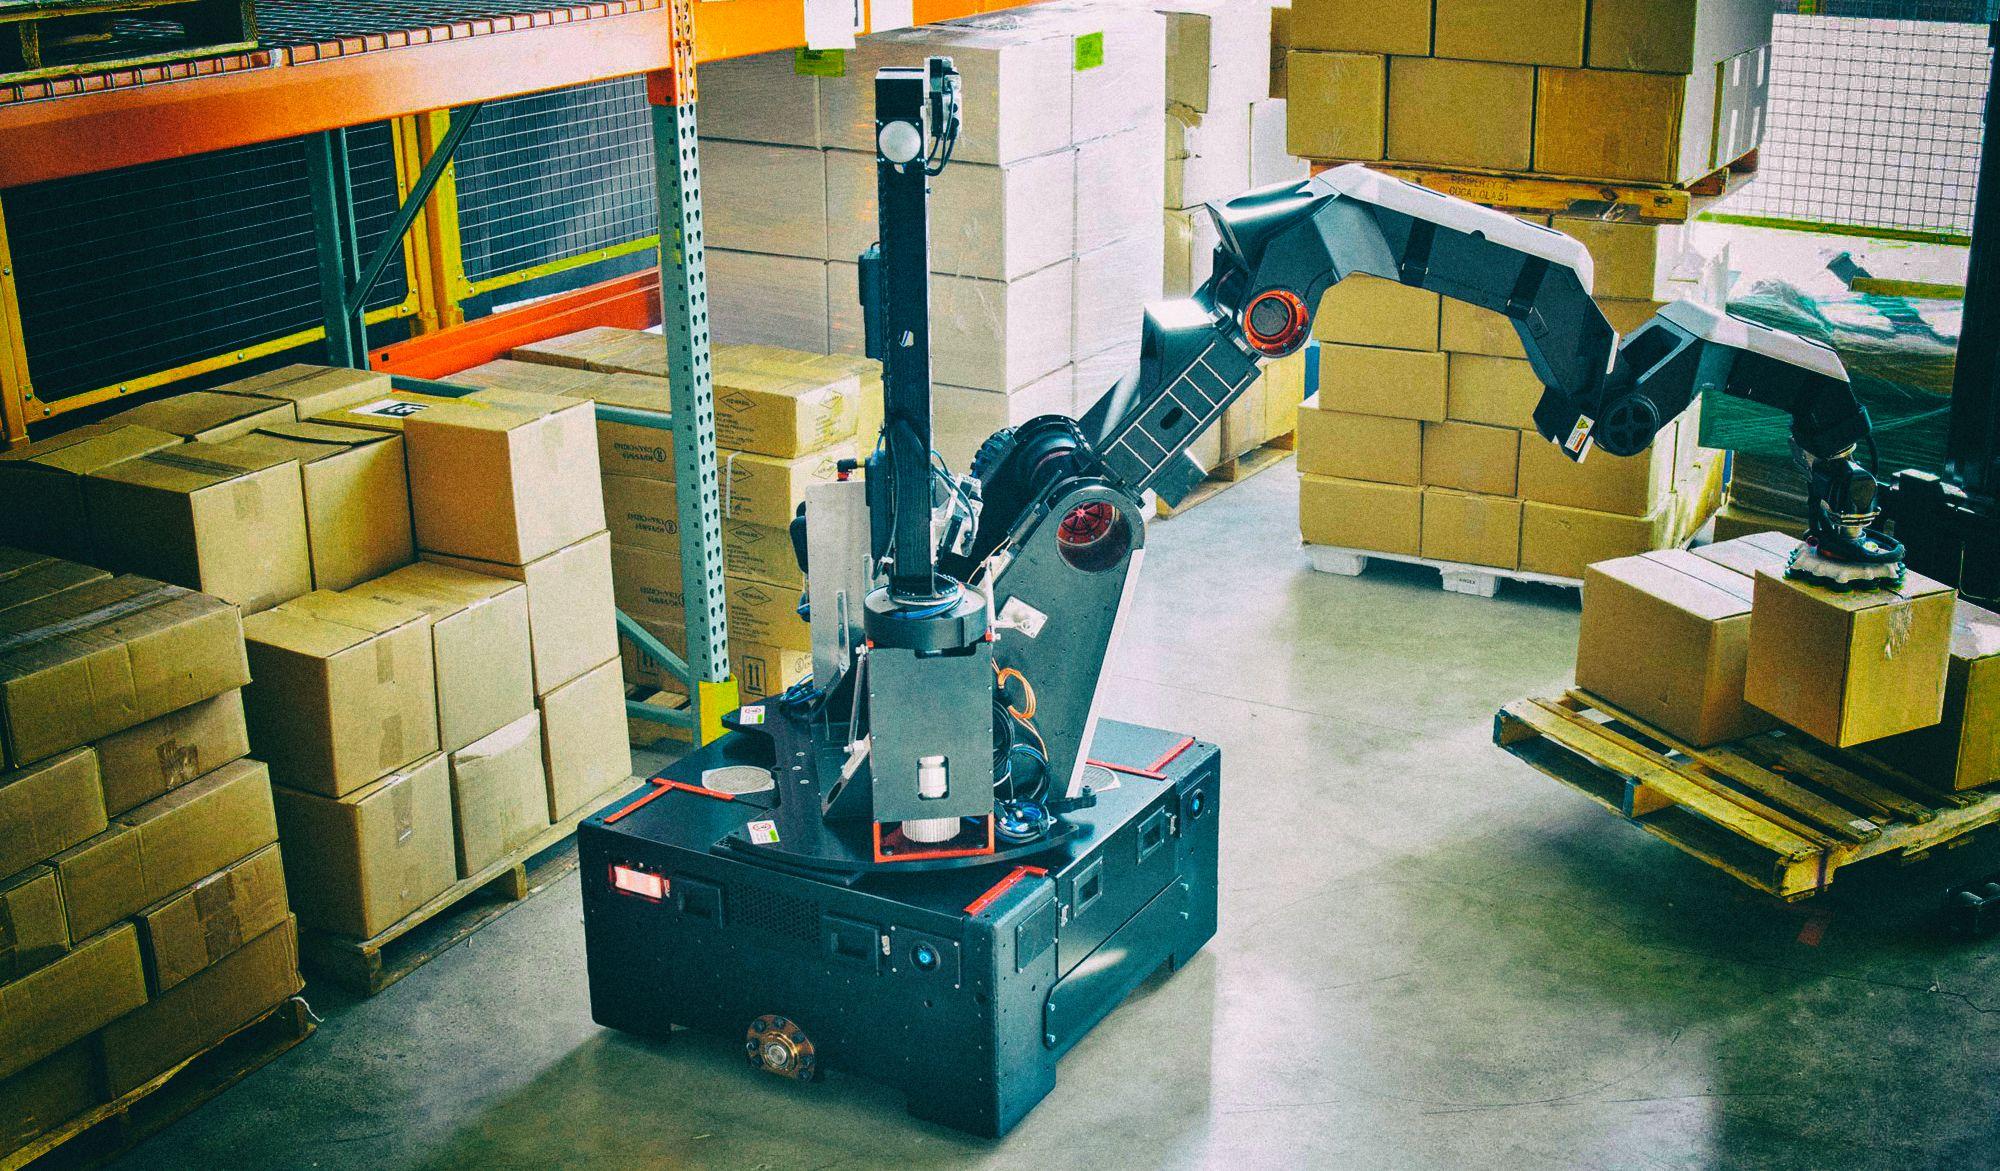 Новый робот Boston Dynamic призван заменить складских работников